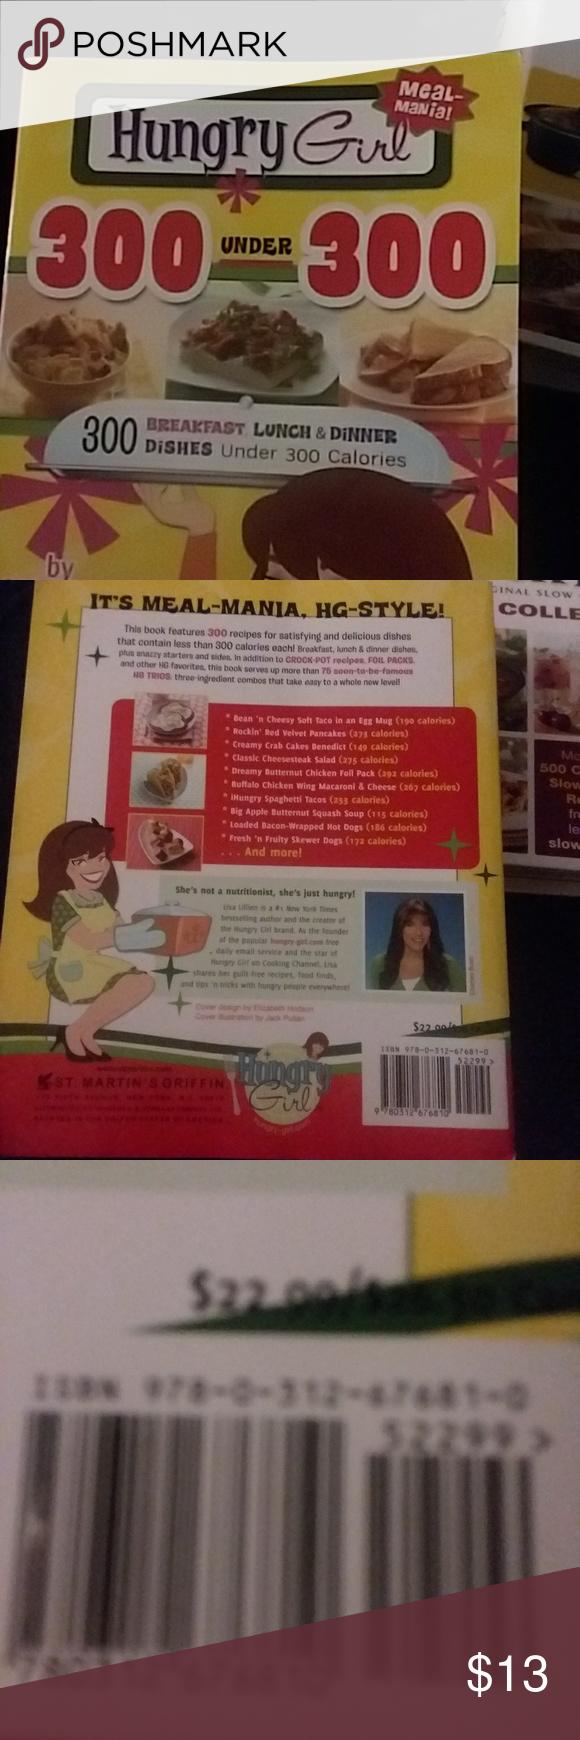 Cookbook 300 Calorie Meals 300 Calorie Meals 300 Calories Dinner Under 300 Calories